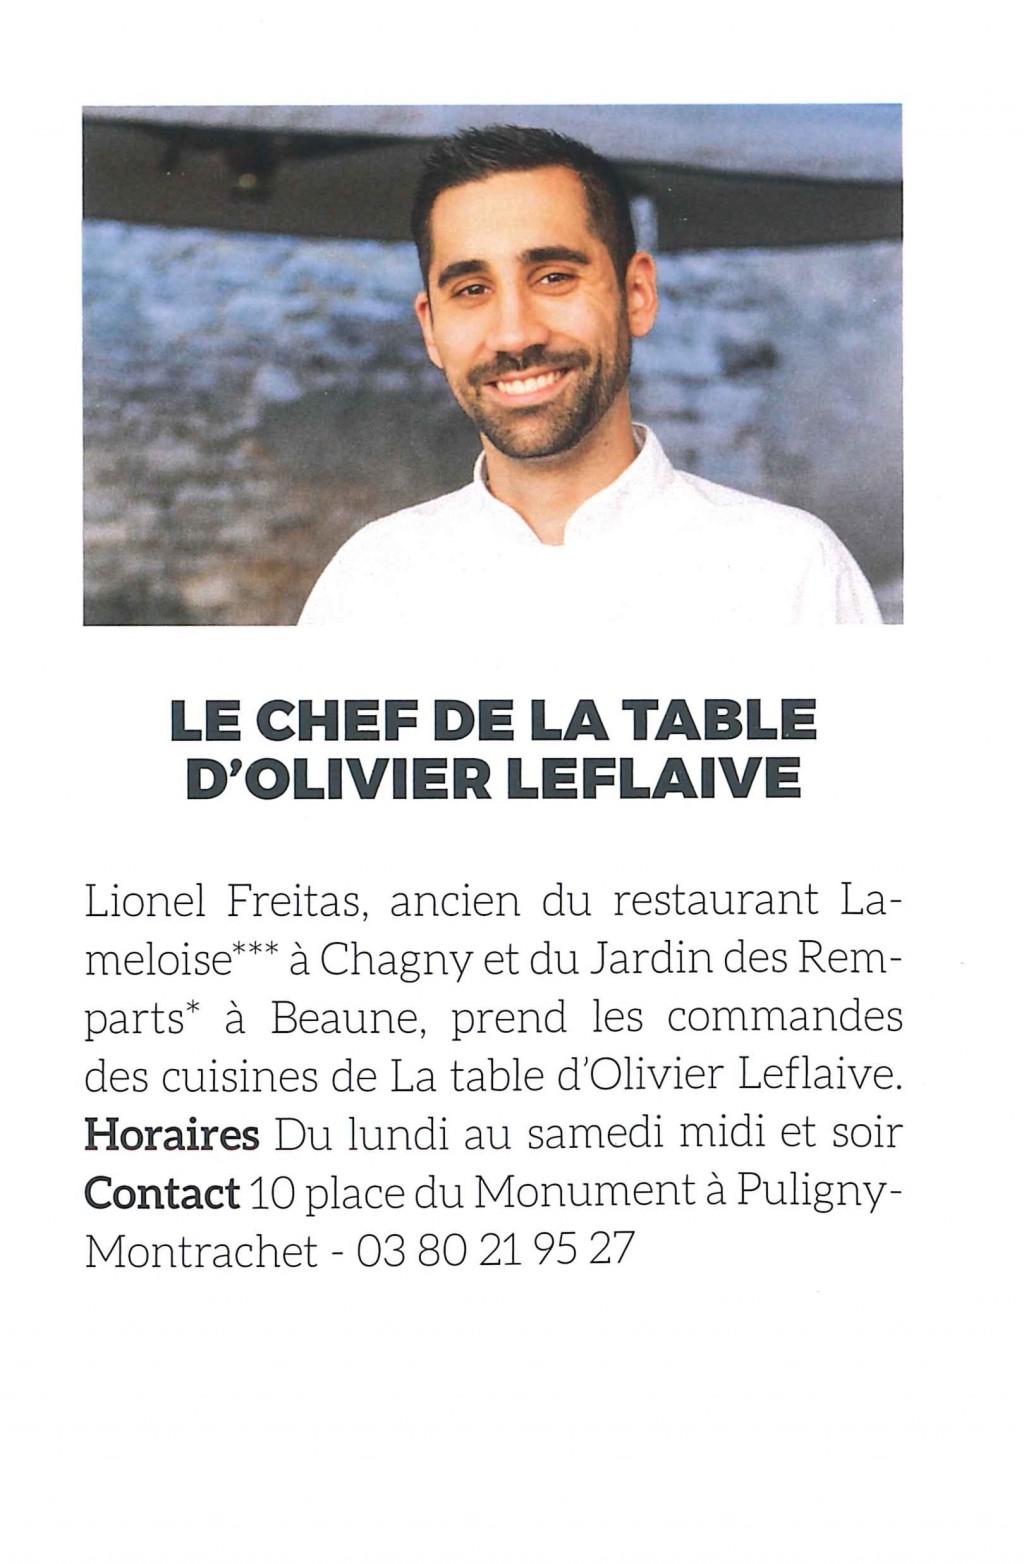 Arts et gastronomie olivier leflaive - La table d olivier leflaive puligny montrachet ...